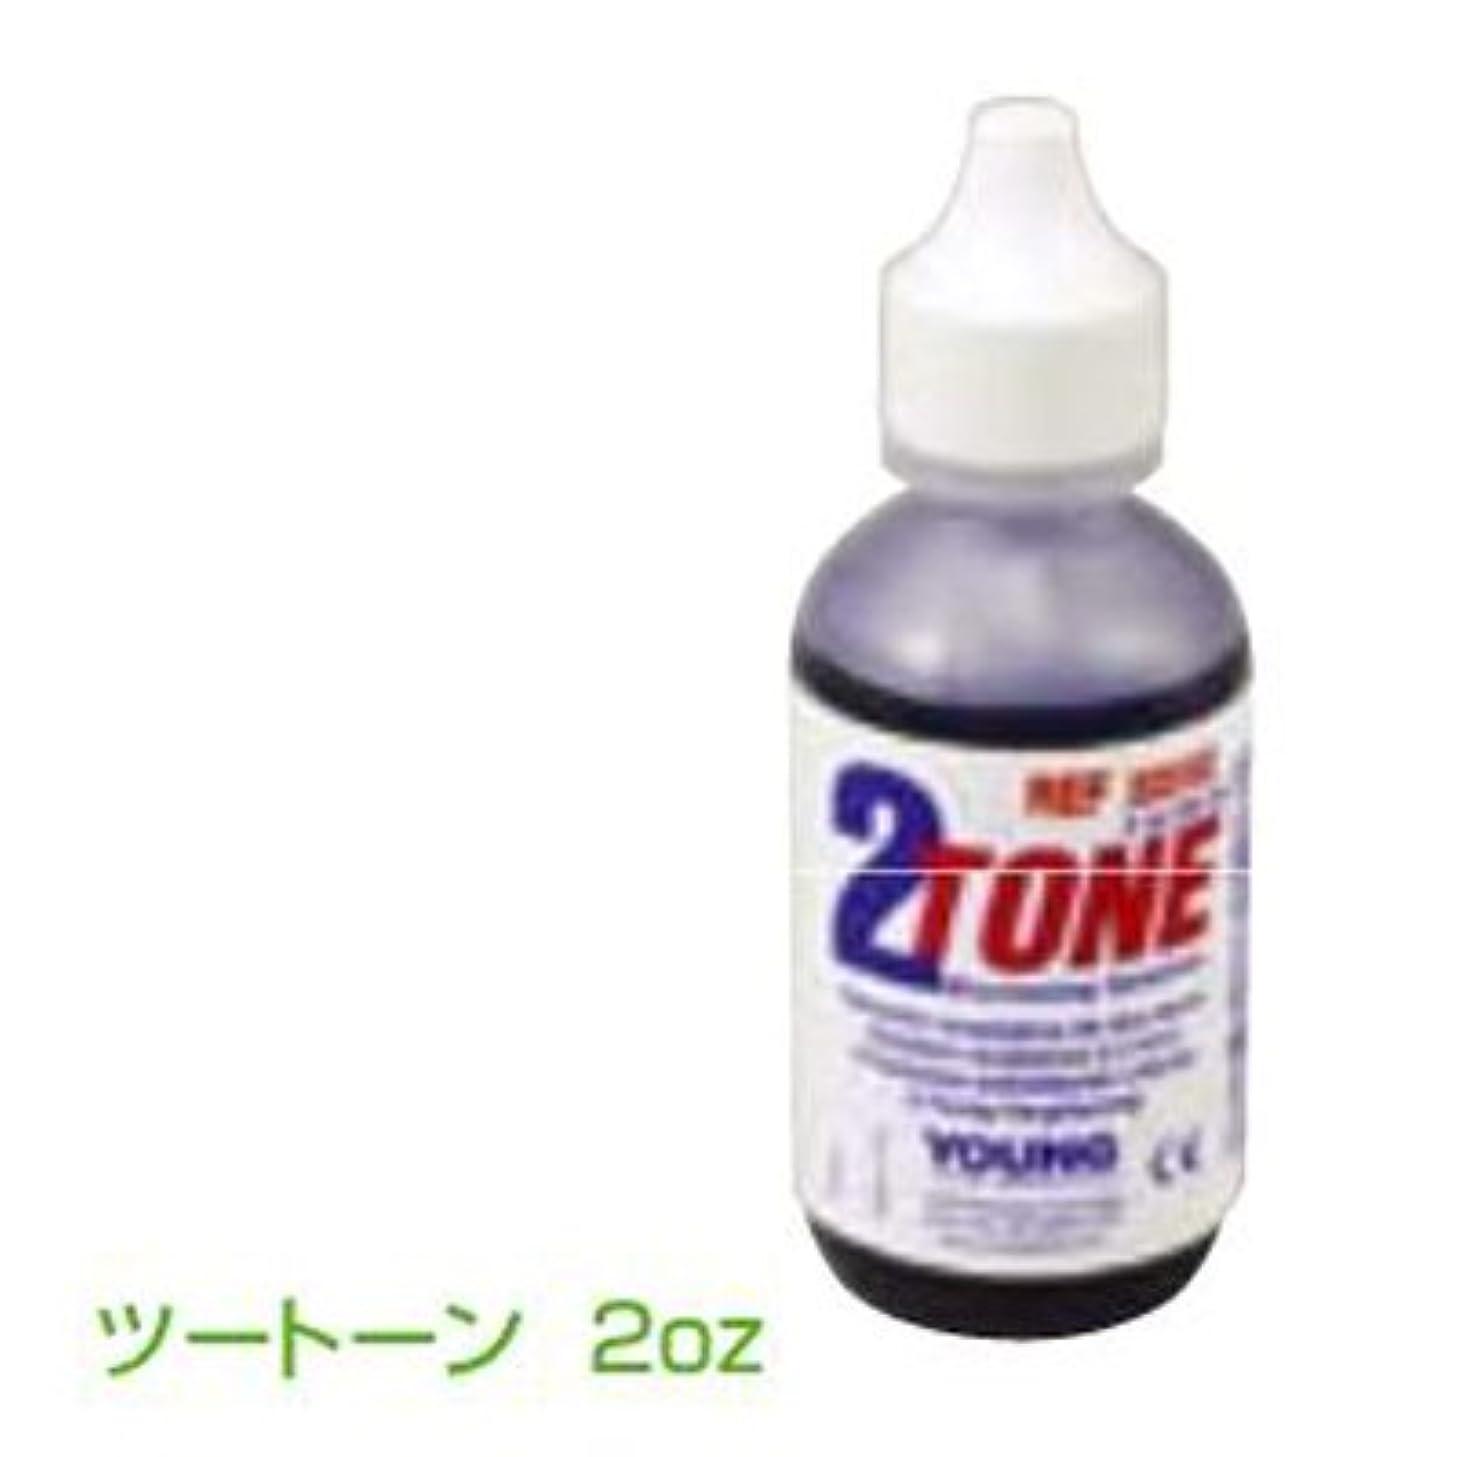 公つぶやき抑制するツートーン 2oz(歯垢染色剤)【歯科医院専売品】